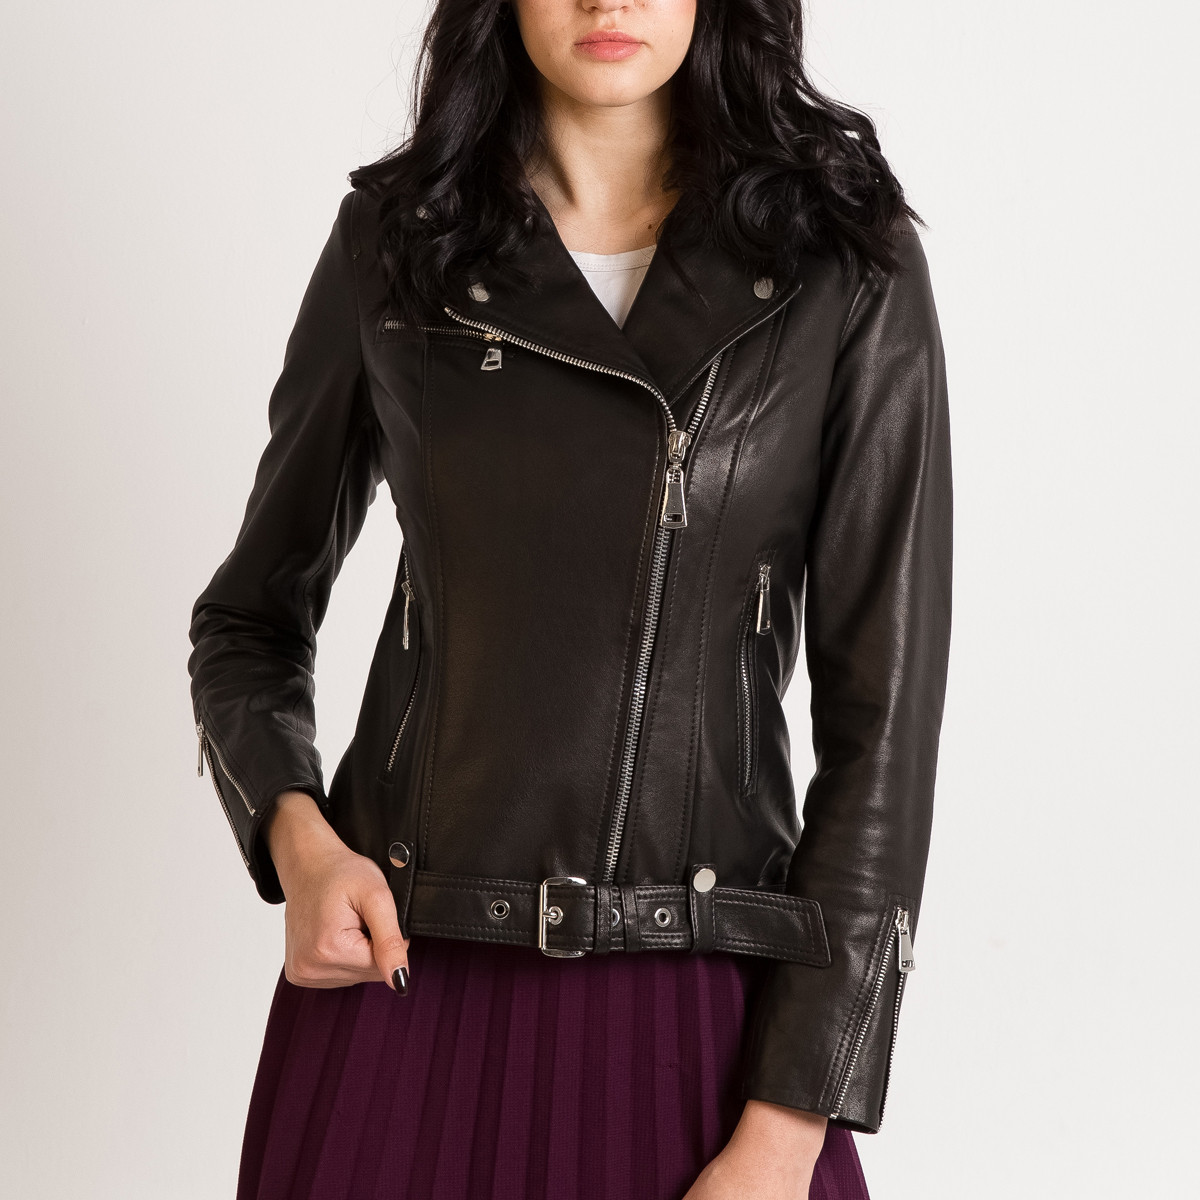 Шкіряна куртка з ременем косуха чорна жіноча (Арт. LT420)